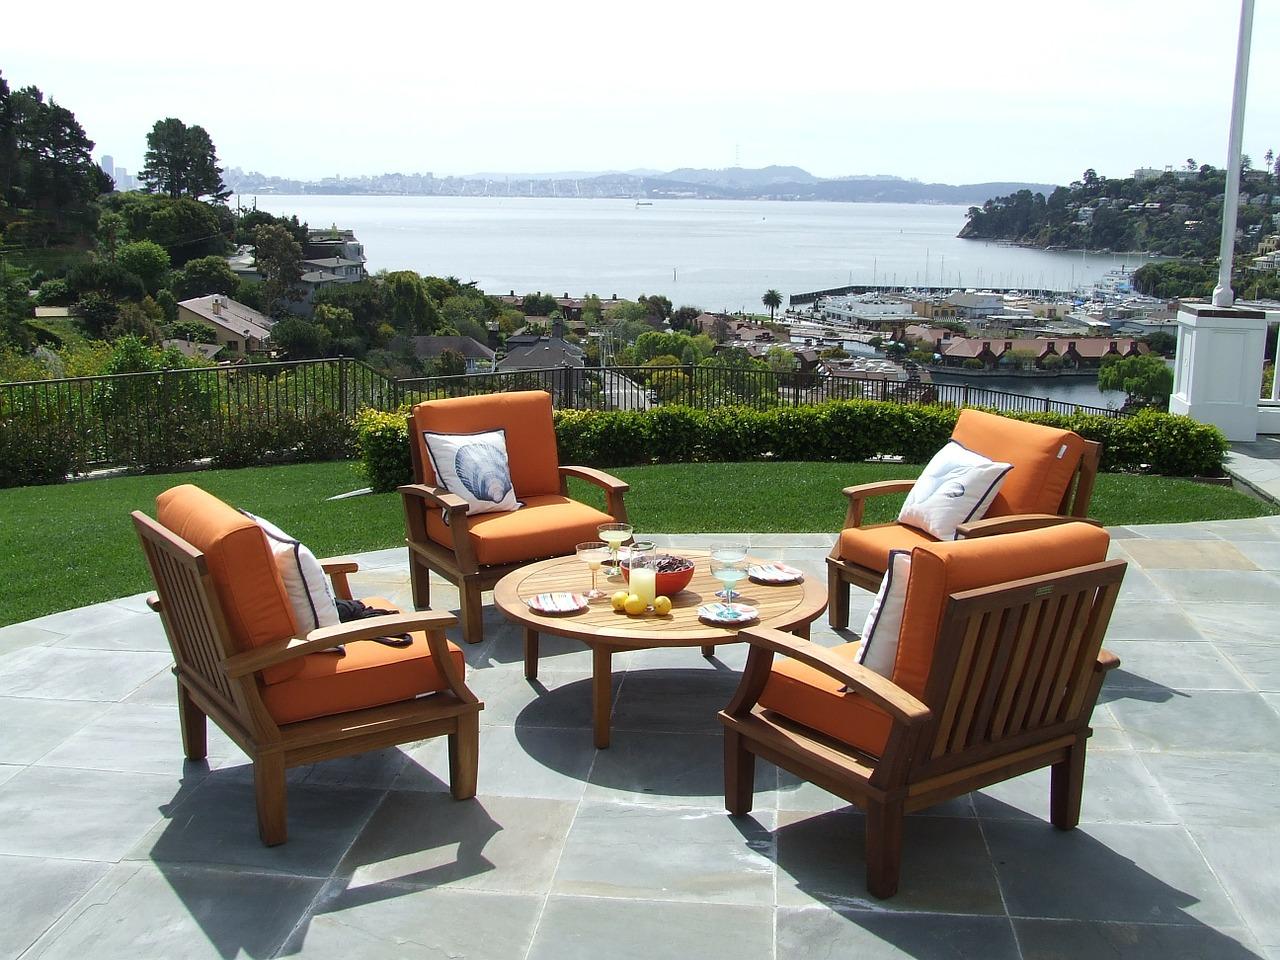 tafel met 4 stoelen op een zonnig terras